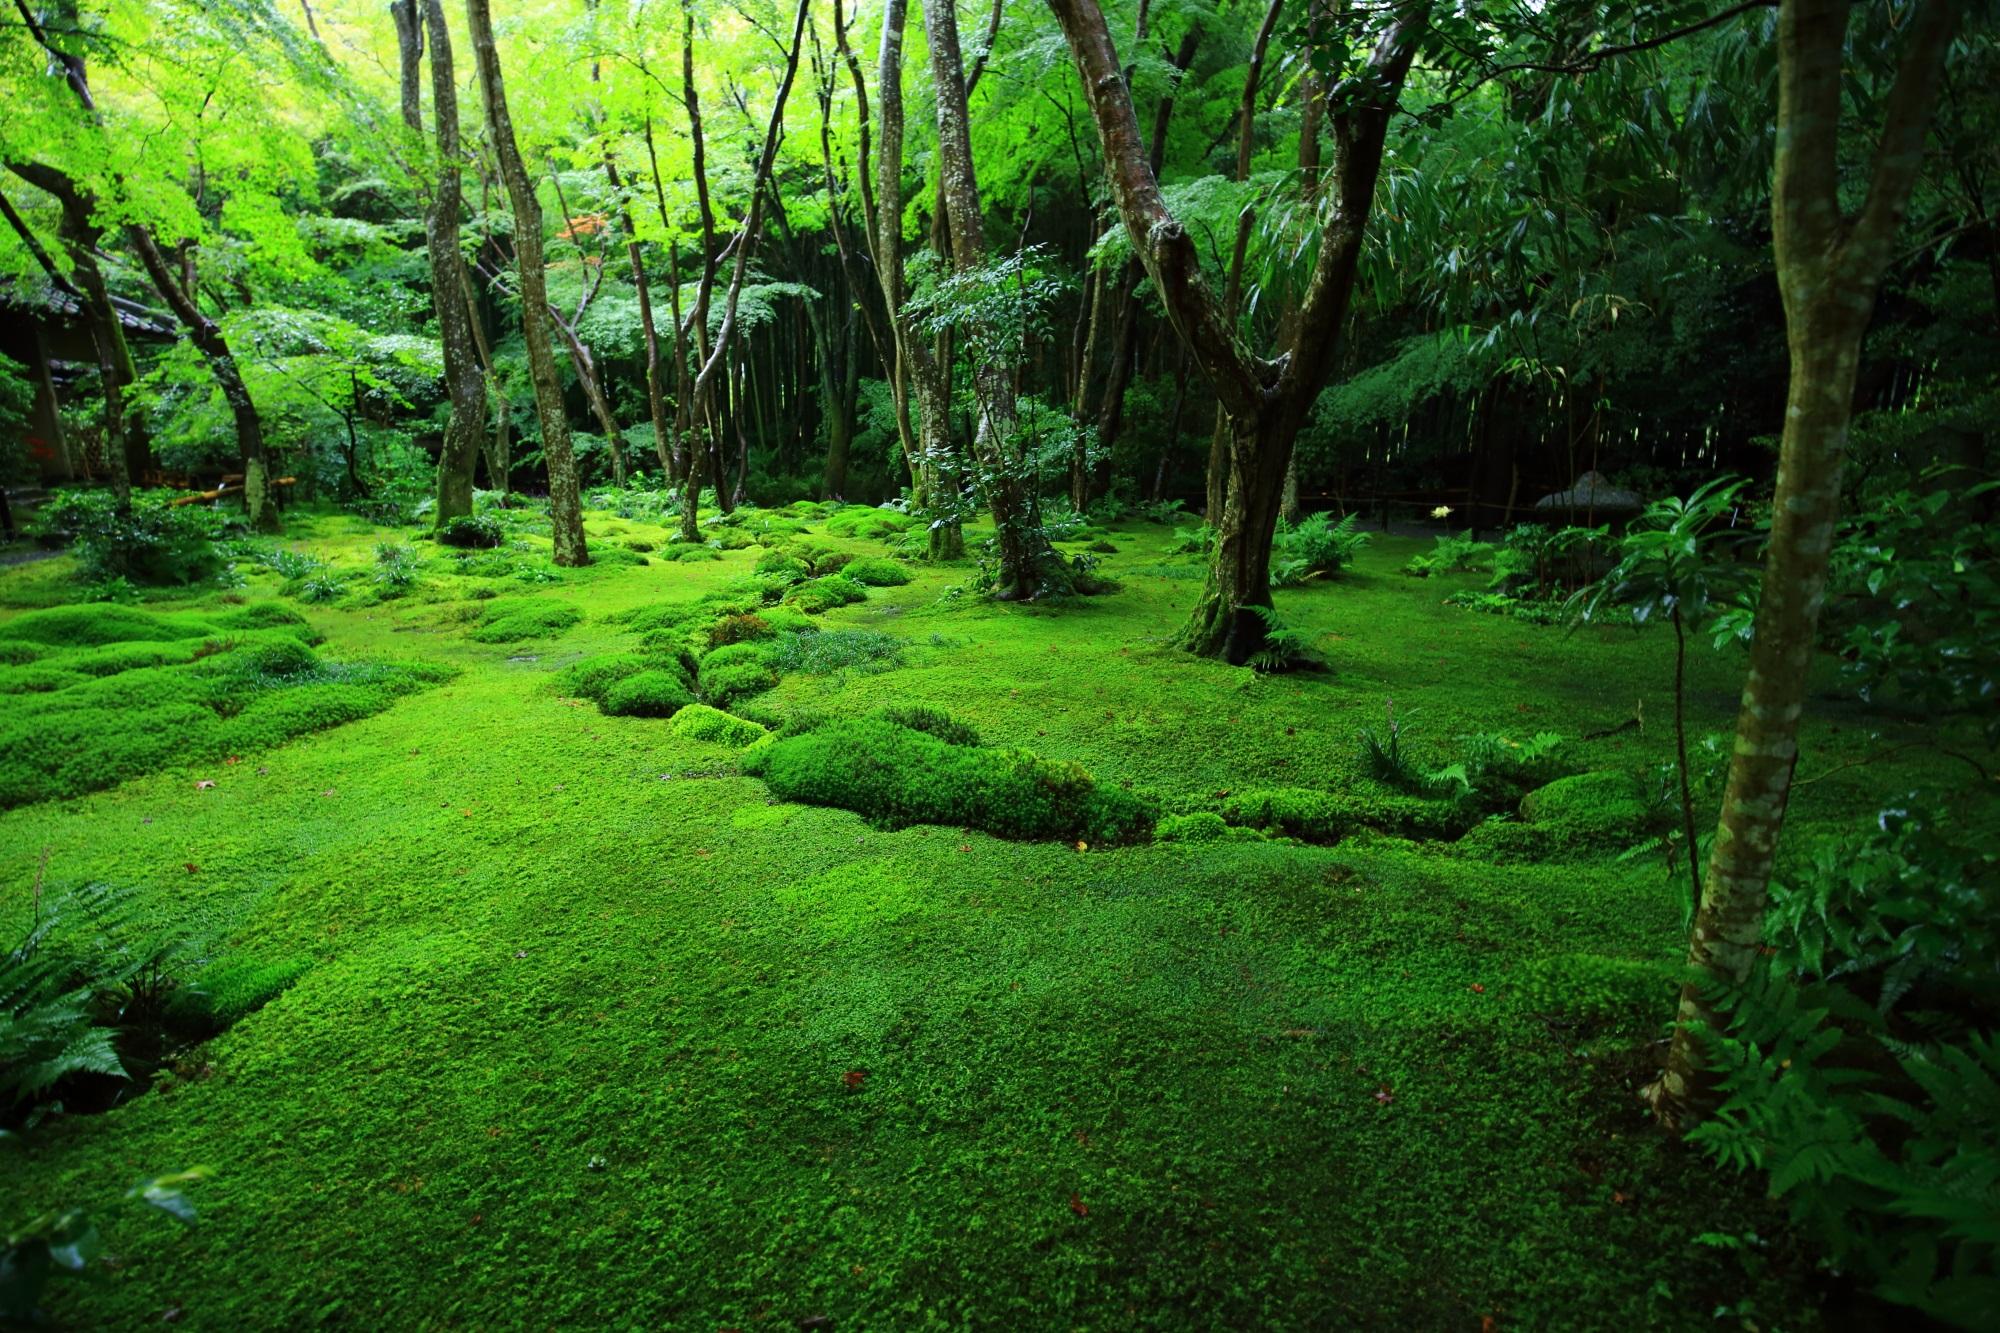 祇王寺 苔 奥嵯峨の美しすぎる雨で輝く極上の苔庭